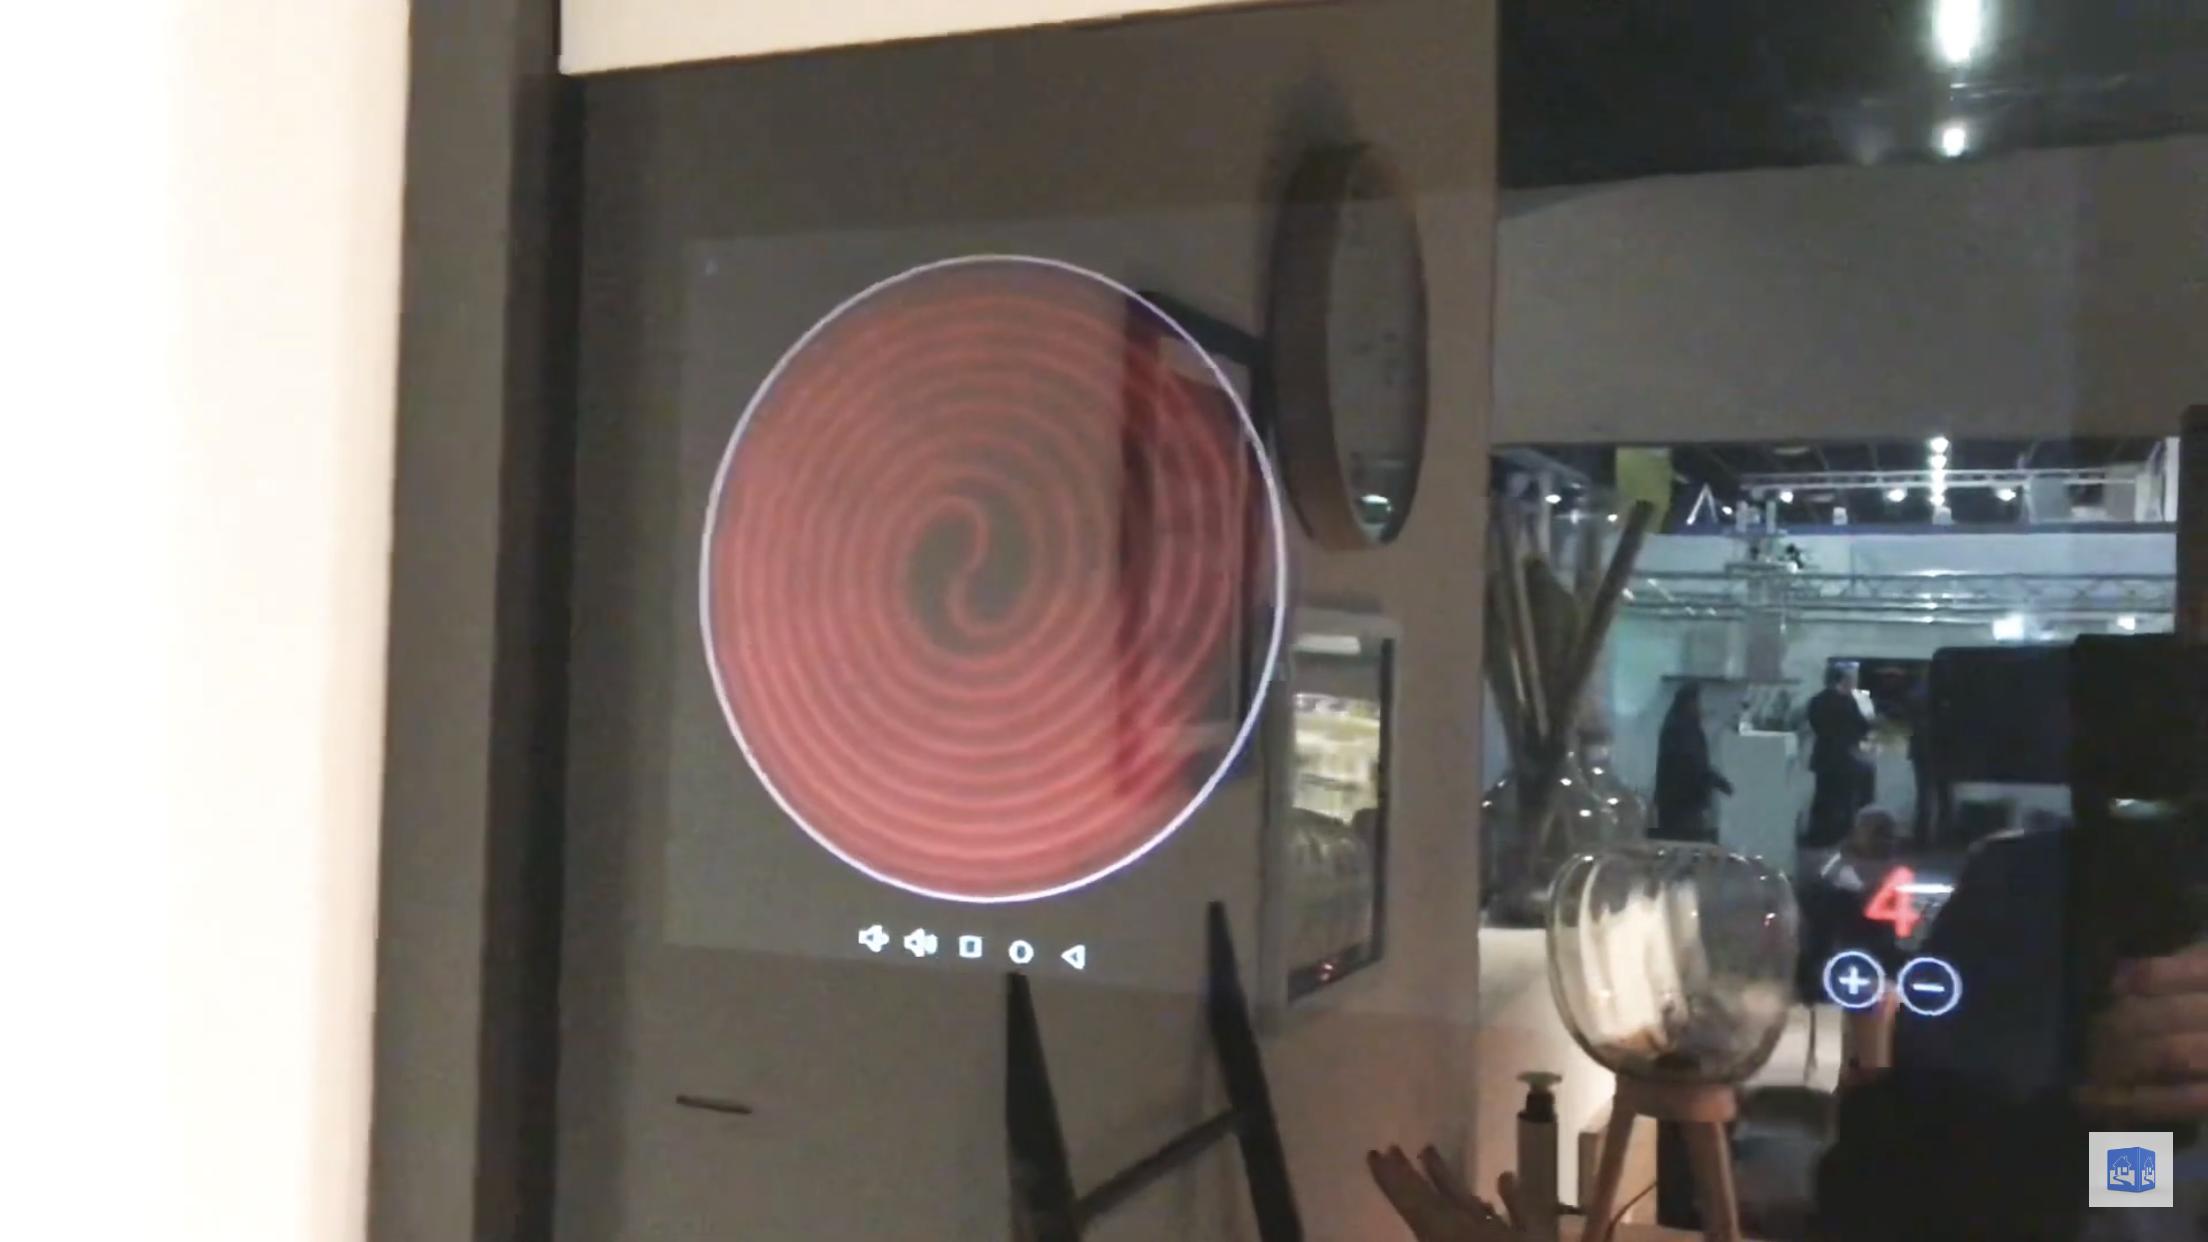 Apps für die Digitale Schranktür auch für 'Vertical Cooking'. Mues-Tec GmbH